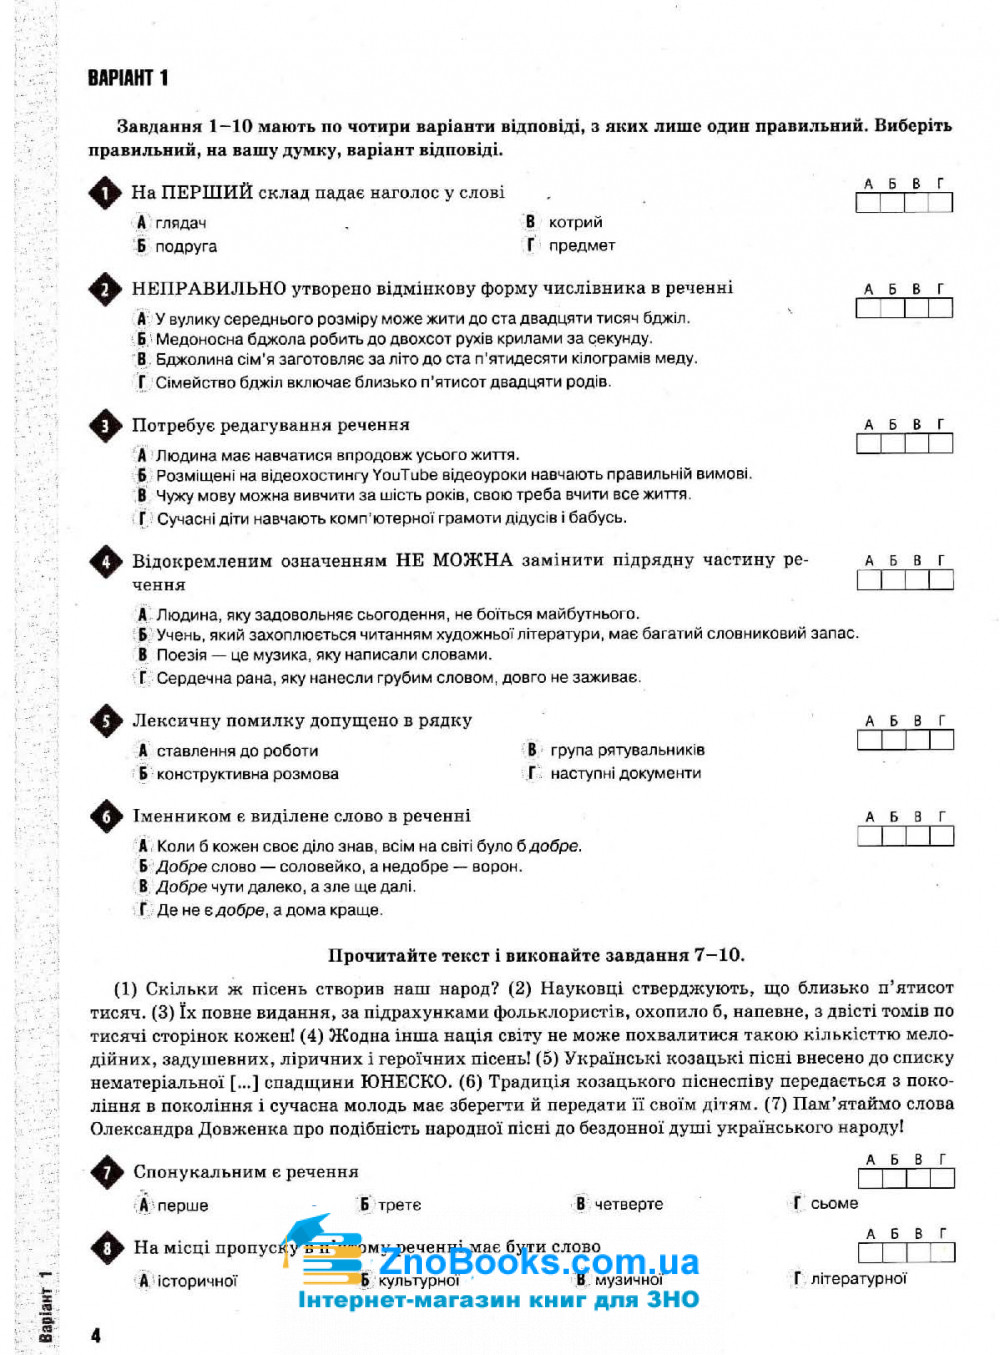 Українська мова (Глазова). Тести до ЗНО 2020 Освіта. купити 4